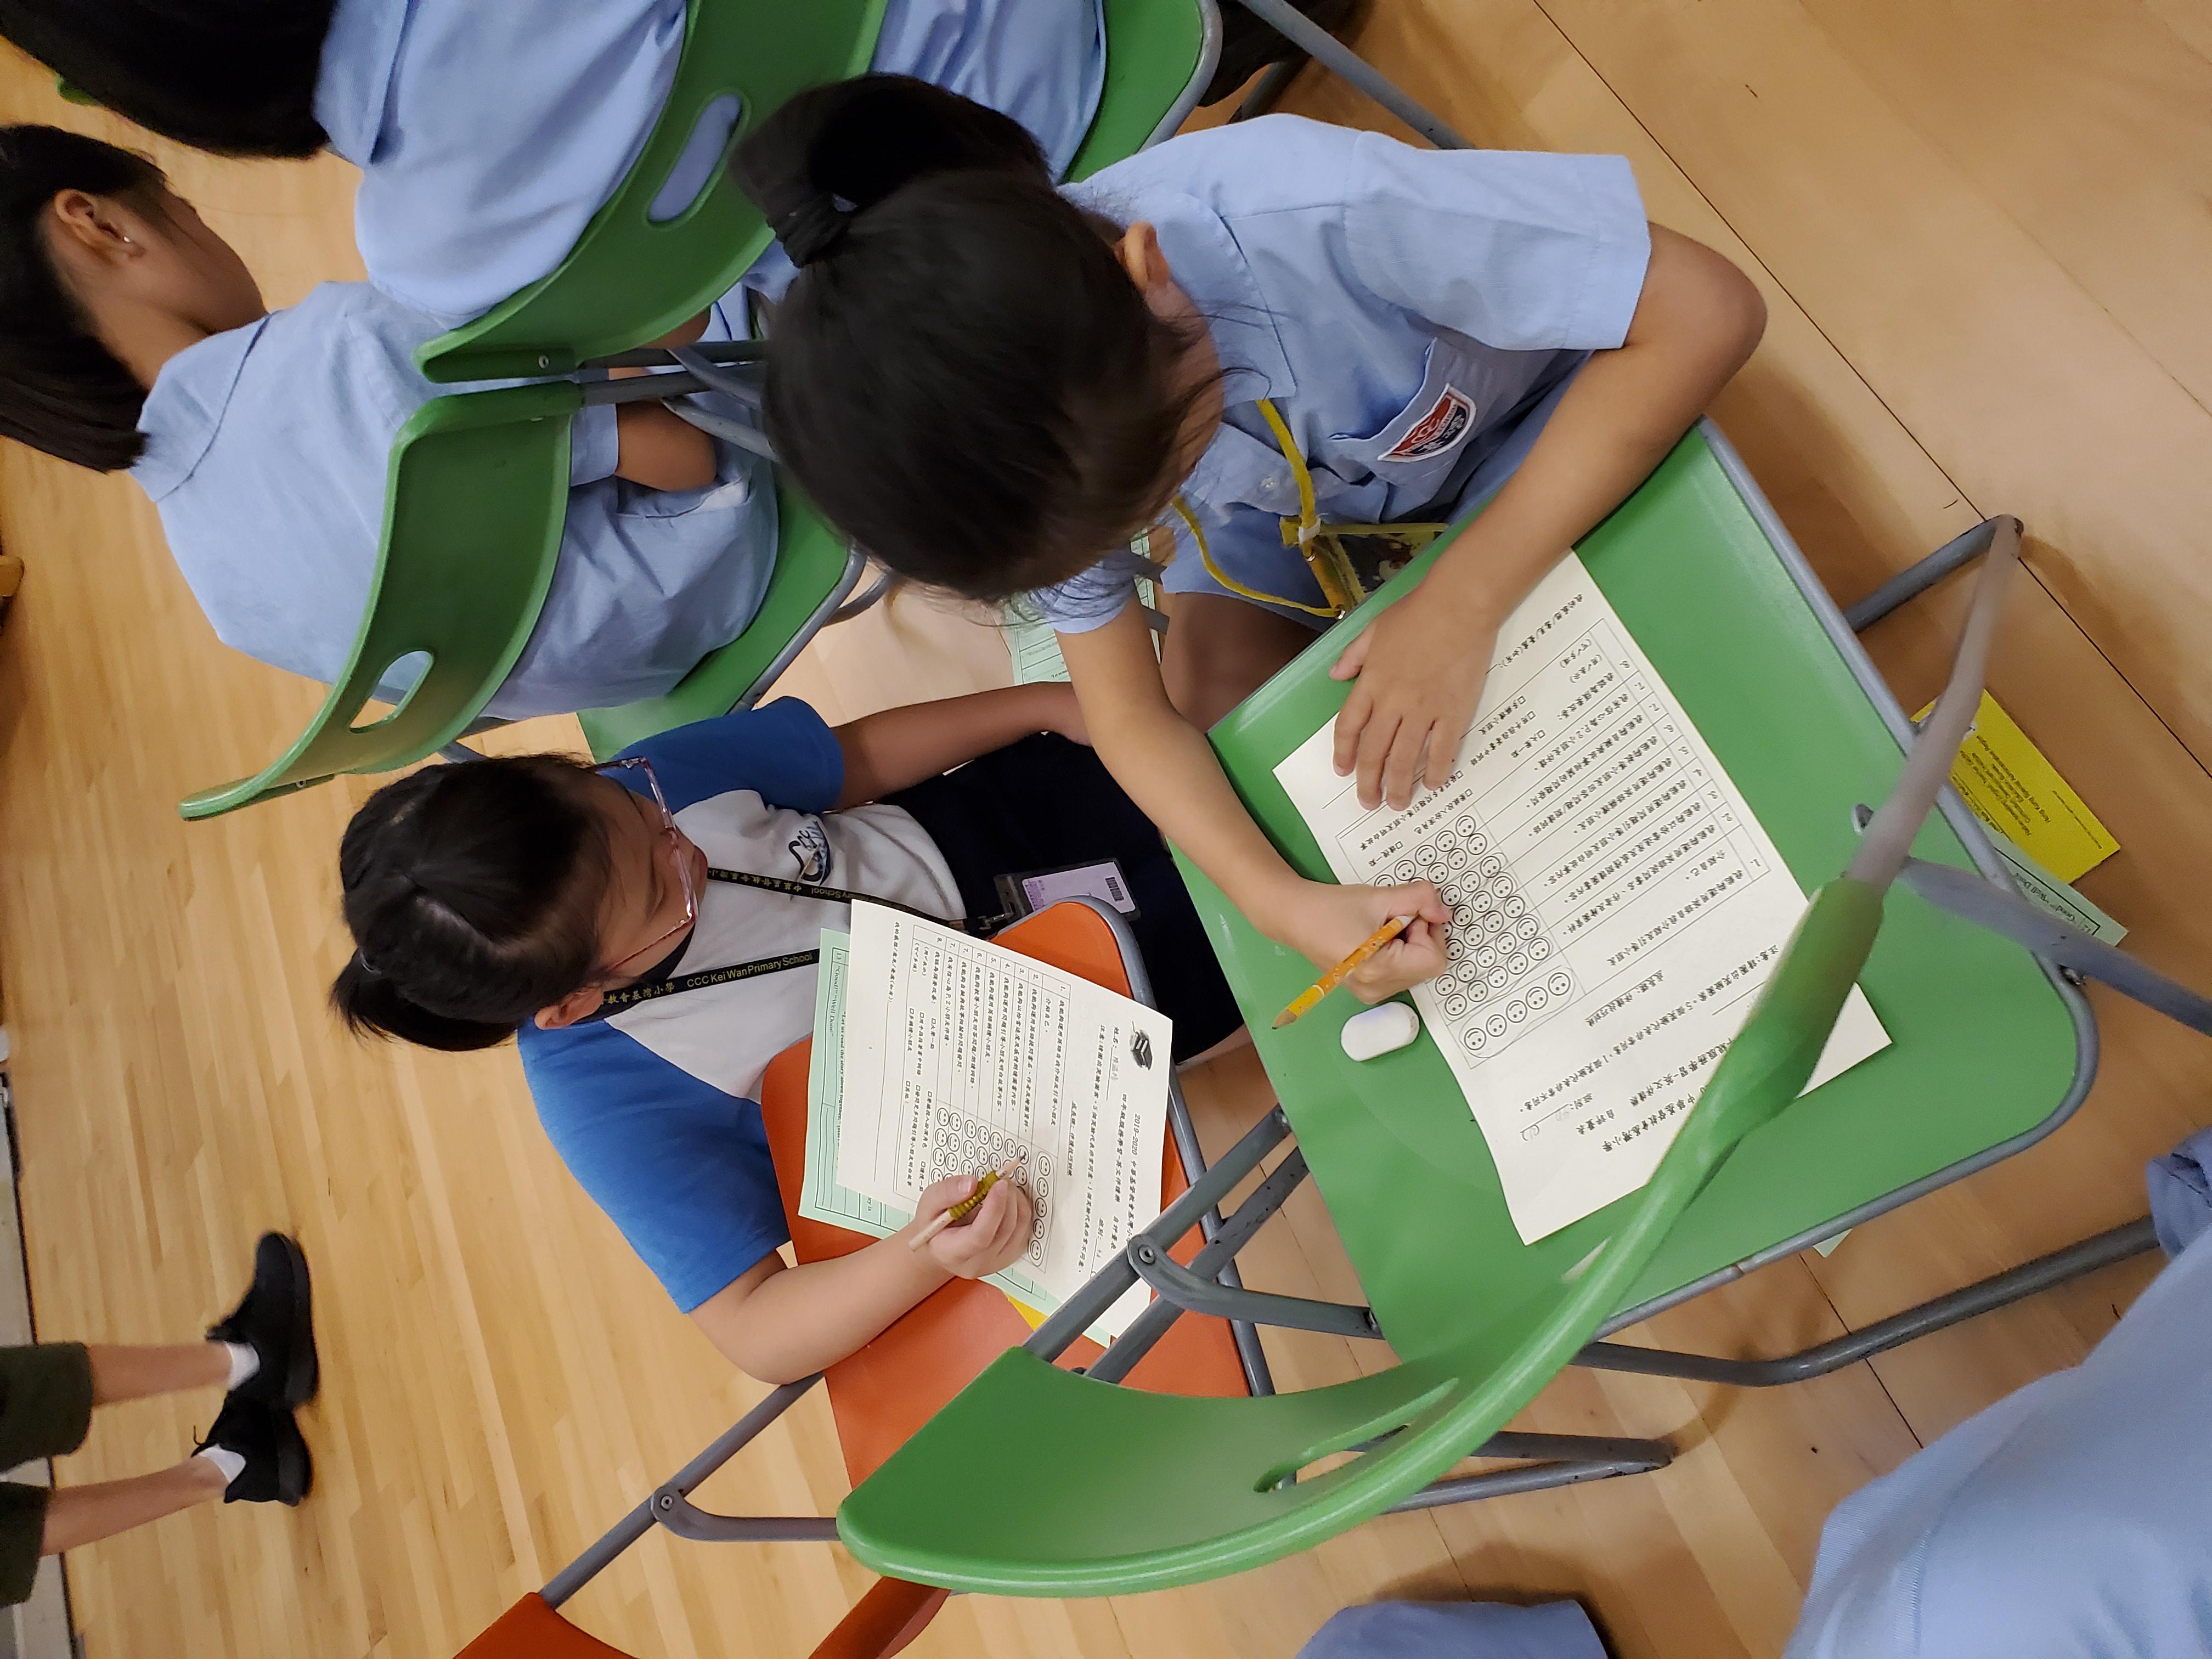 http://www.keiwan.edu.hk/sites/default/files/20191016_134424.jpg